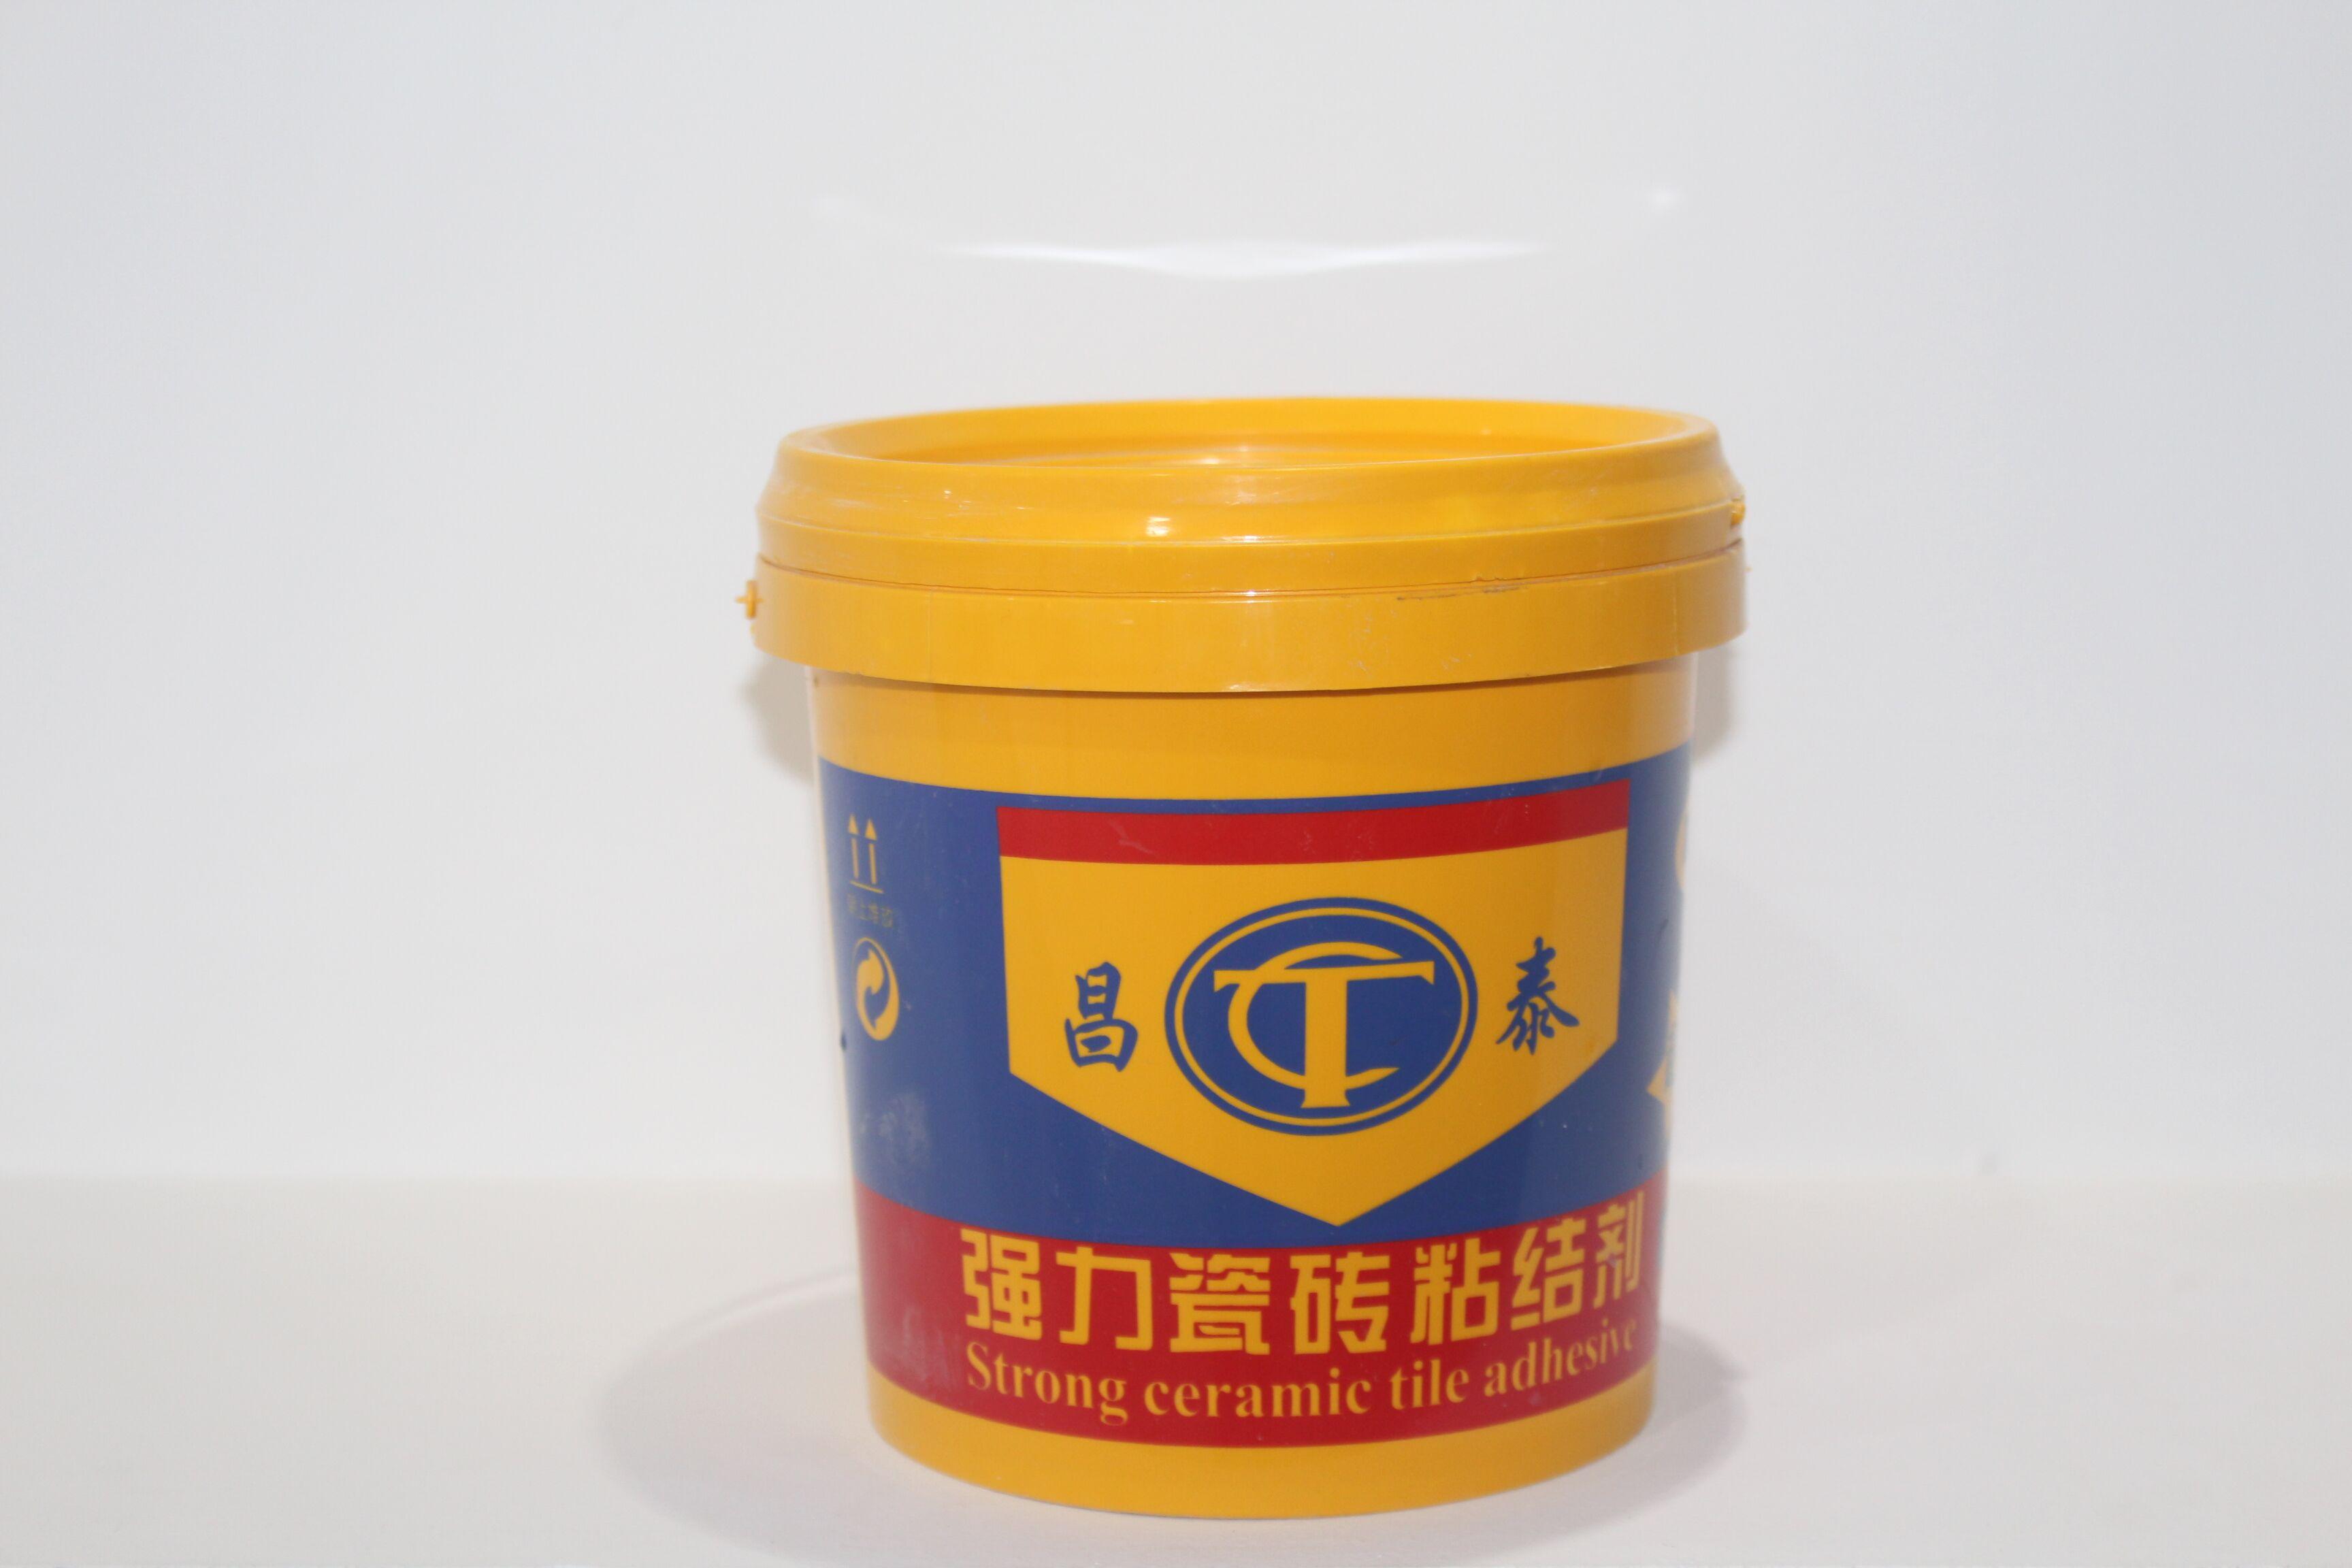 强力瓷砖粘结剂ZJ15